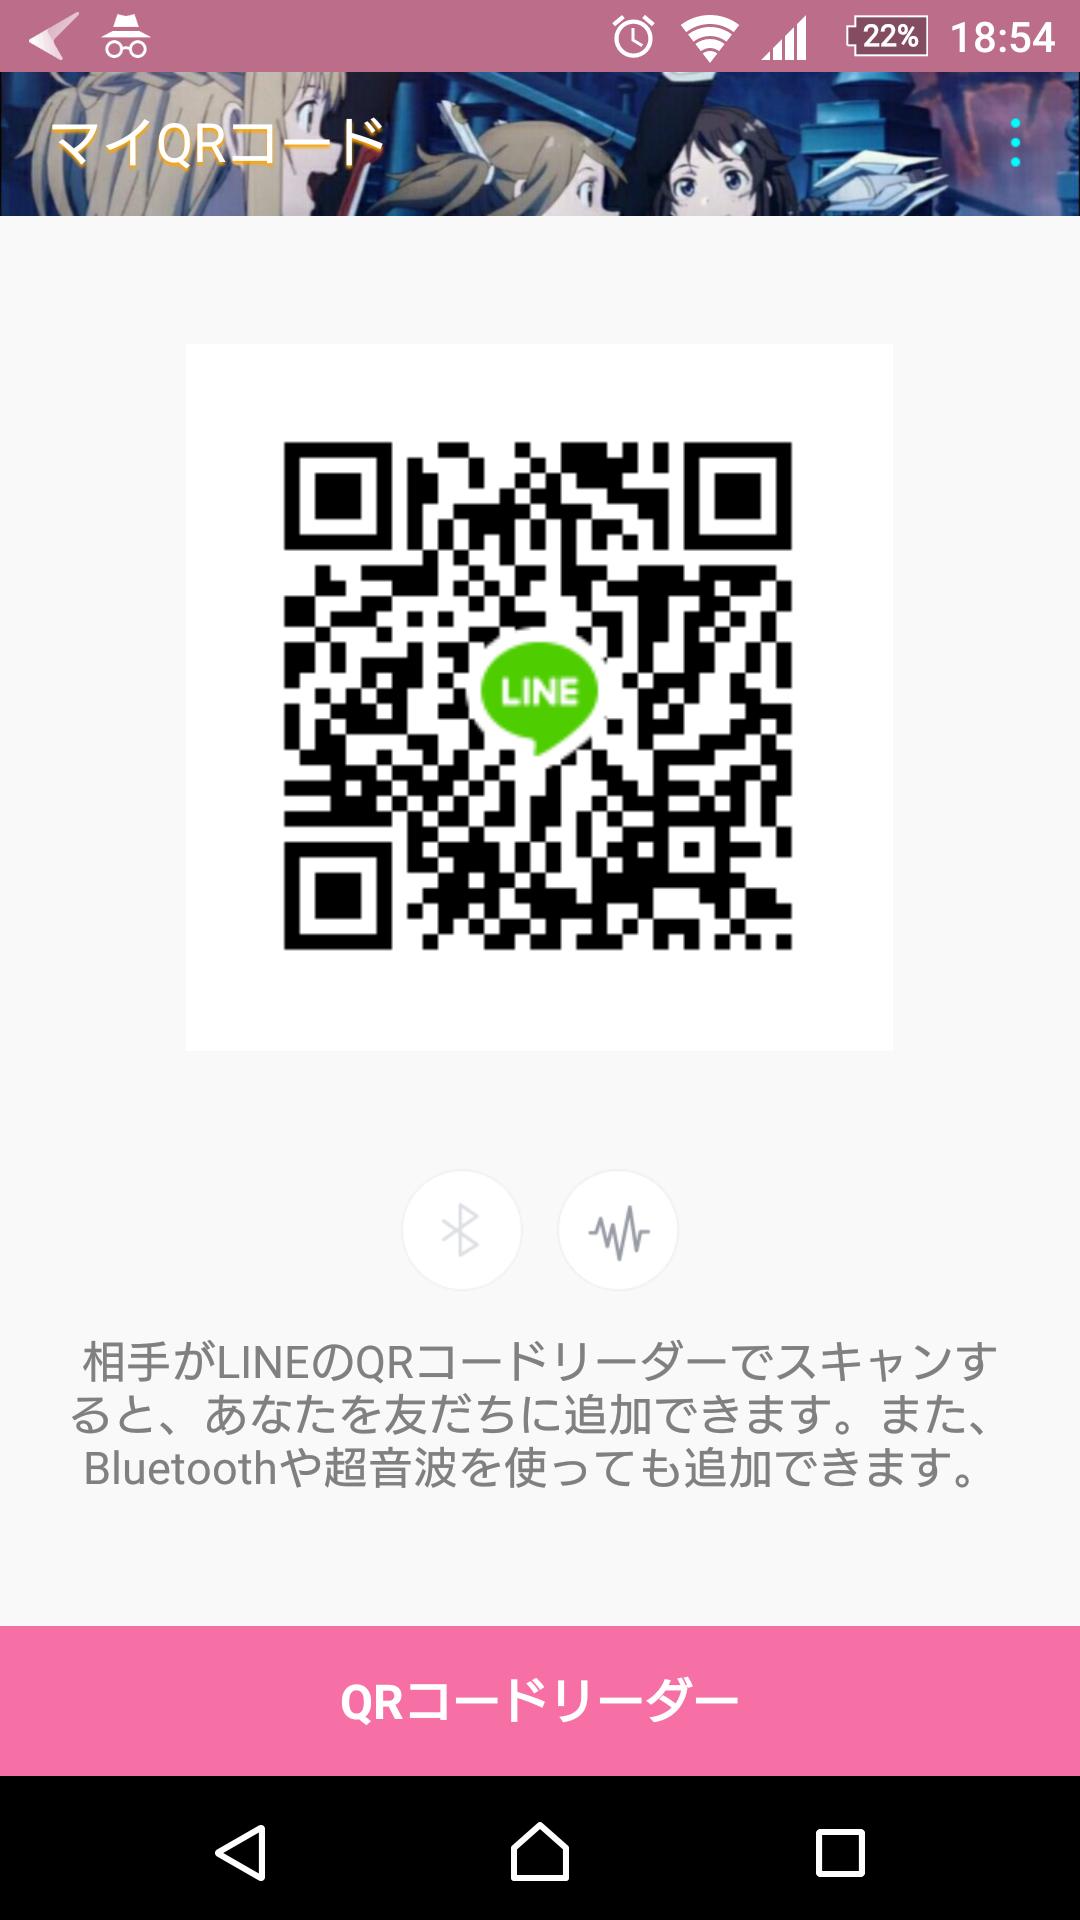 M.kさんのLINE QRコード